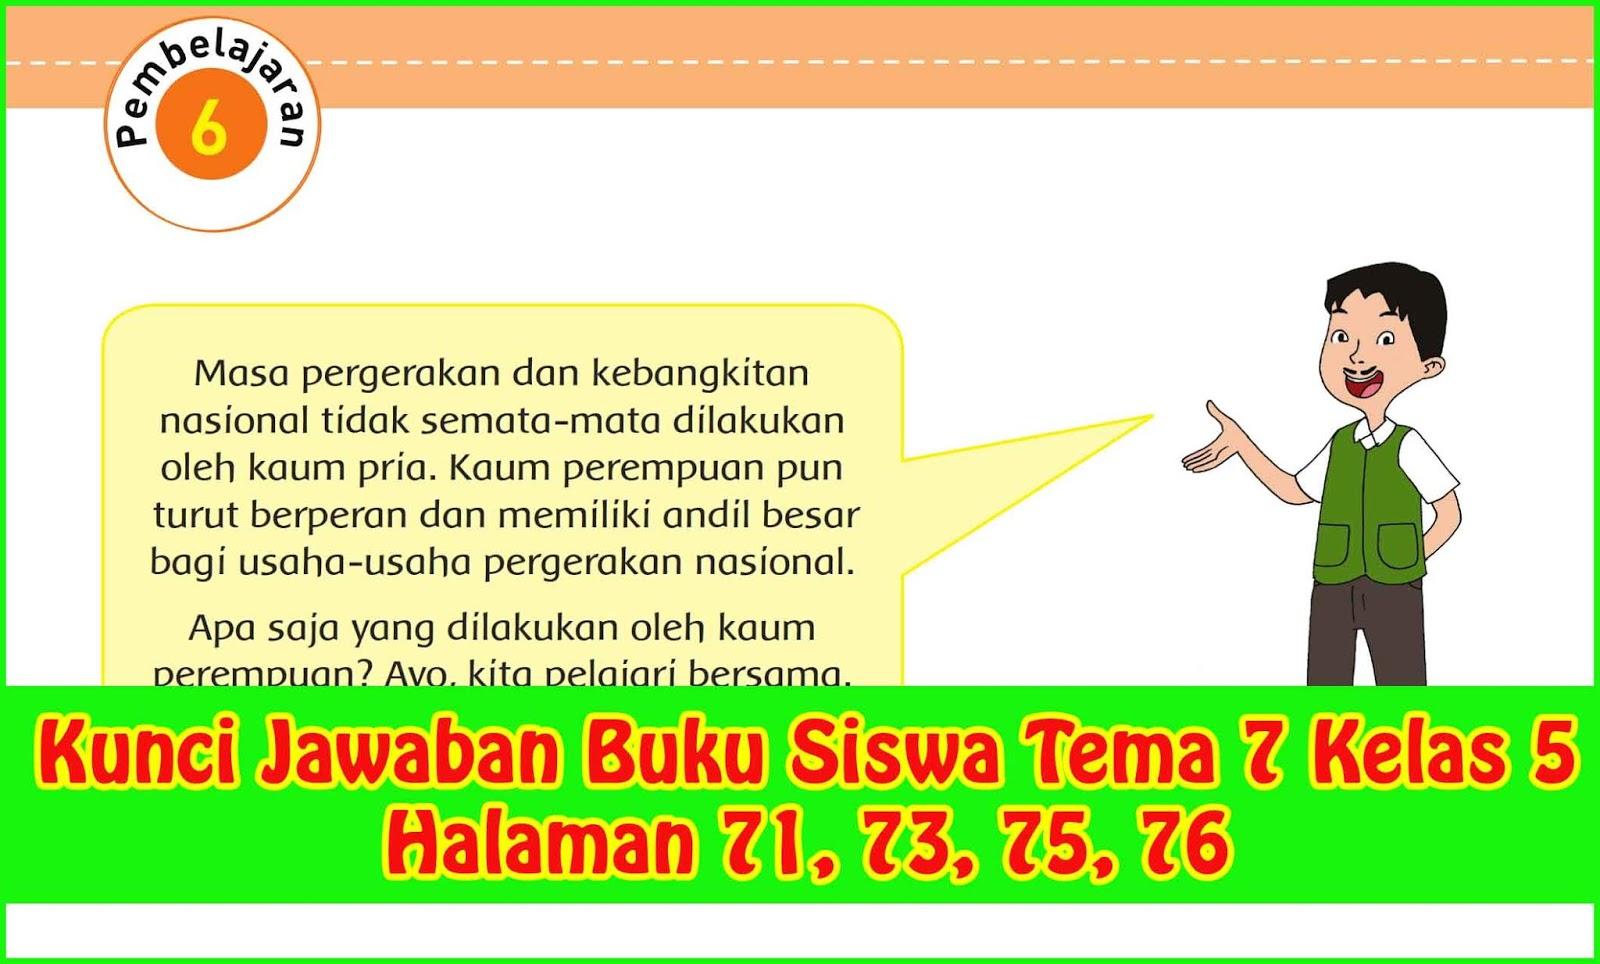 Kunci Jawaban Buku Siswa Tema 7 Kelas 5 Halaman 71 73 75 76 Sanjayaops